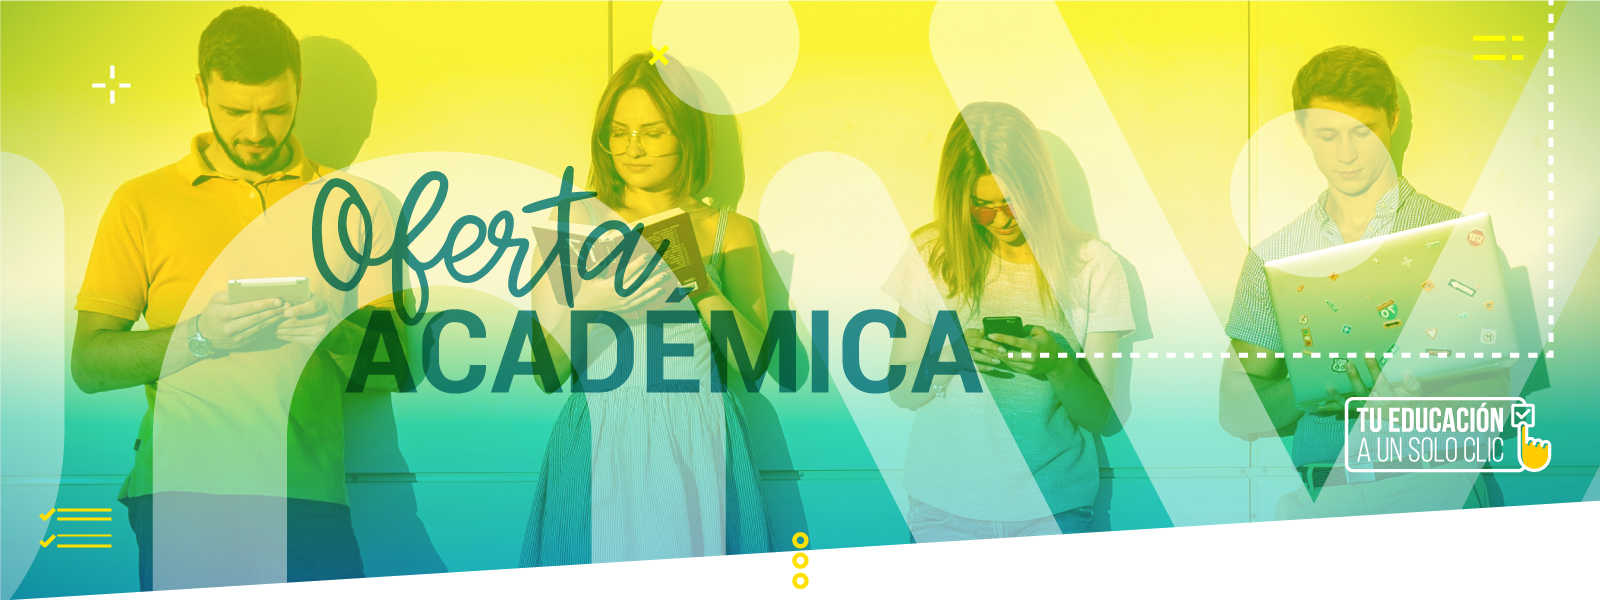 Banner-Oferta-Academica-2021